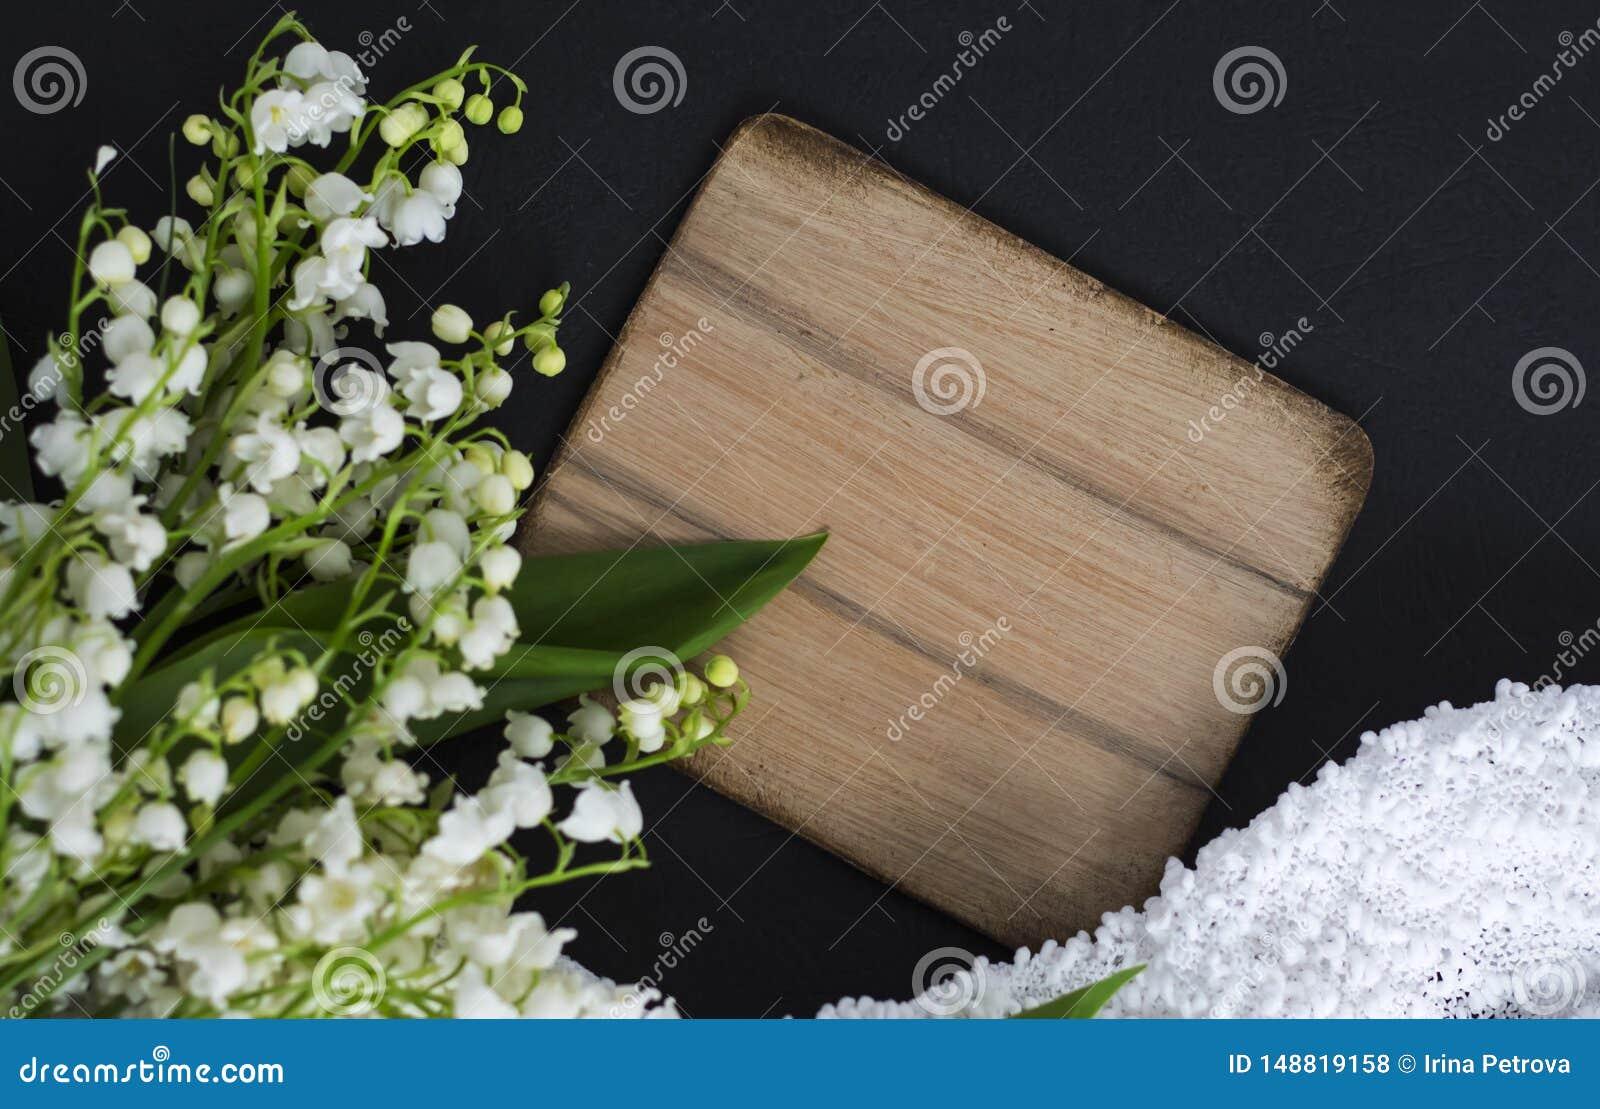 Ο άσπρος κρίνος της κοιλάδας ανθίζει στο μαύρο υπόβαθρο με τον ξύλινο πίνακα στο διαστημικό και λεπτό ύφασμα αντιγράφων